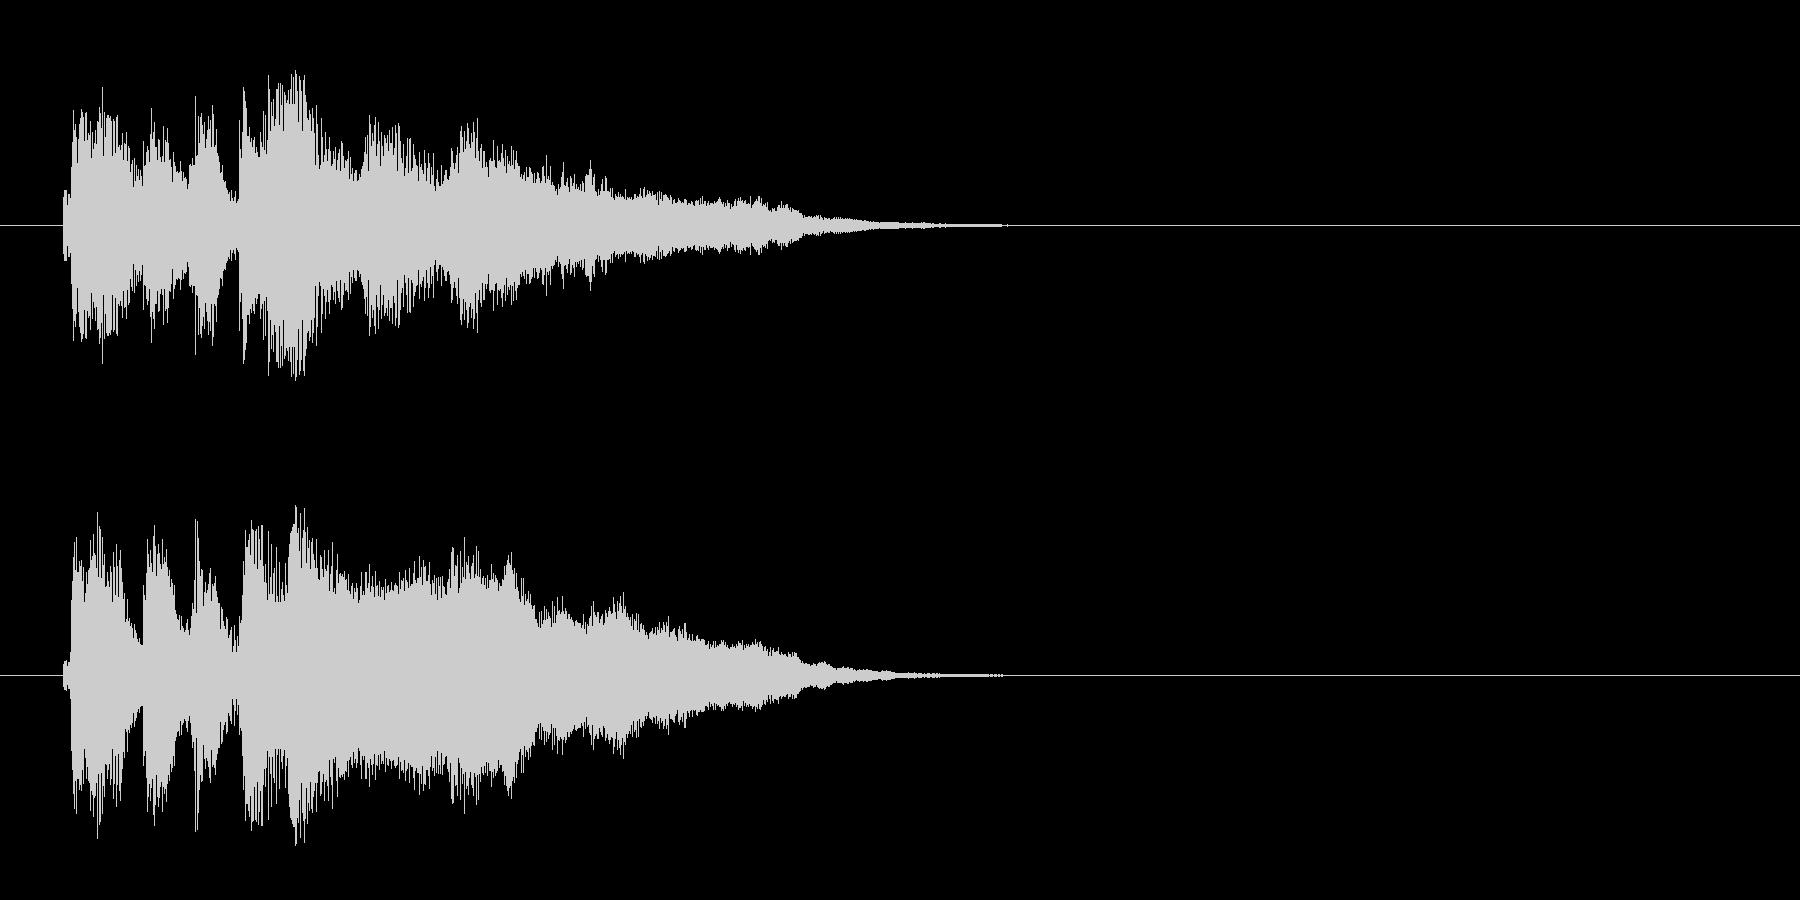 ジングル/環境(コーナー・エンド風)の未再生の波形